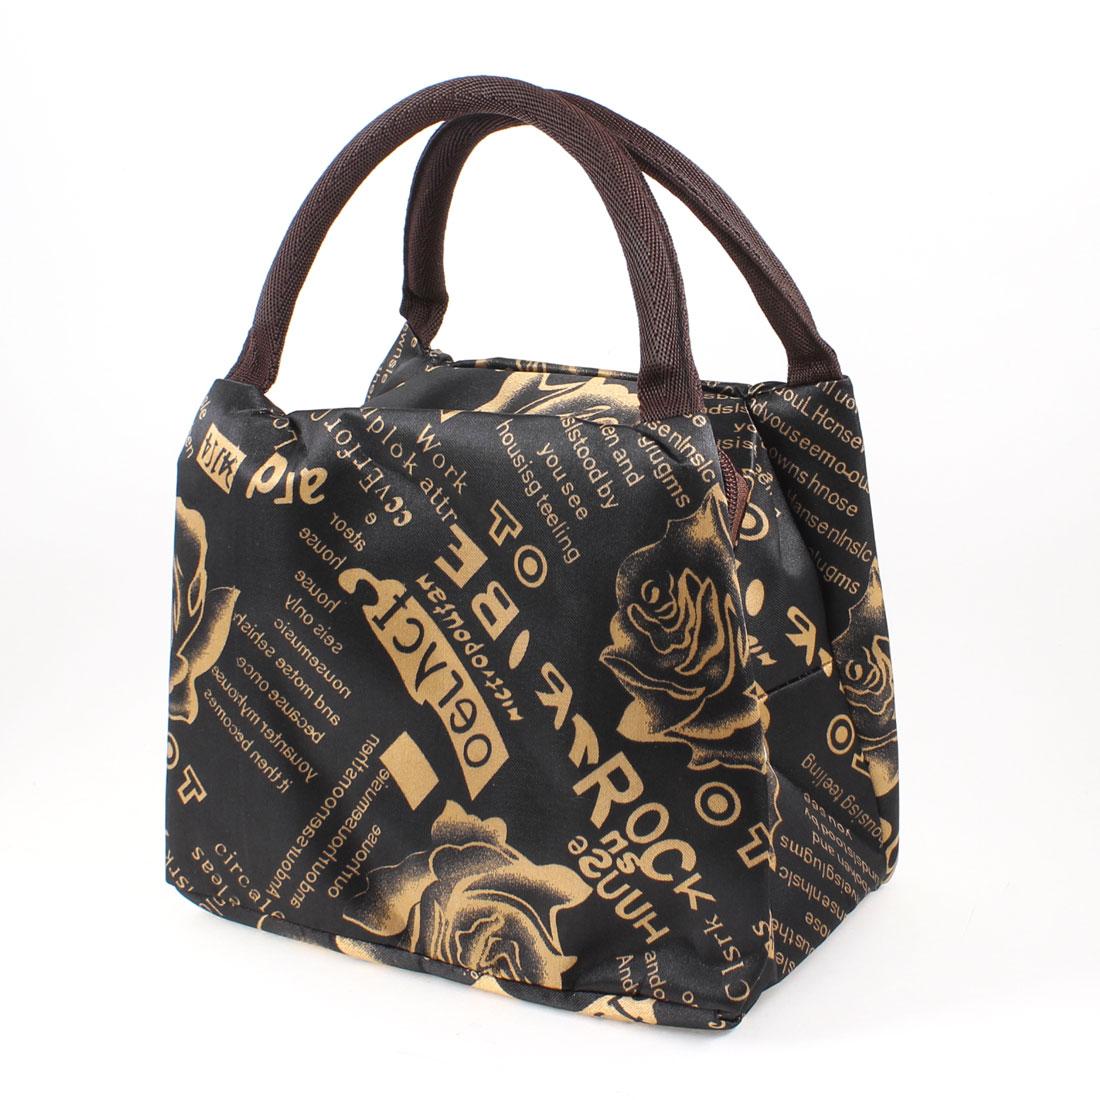 Letter Floral Pattern Zipper Closure Design Handbag Bag Black For Lady